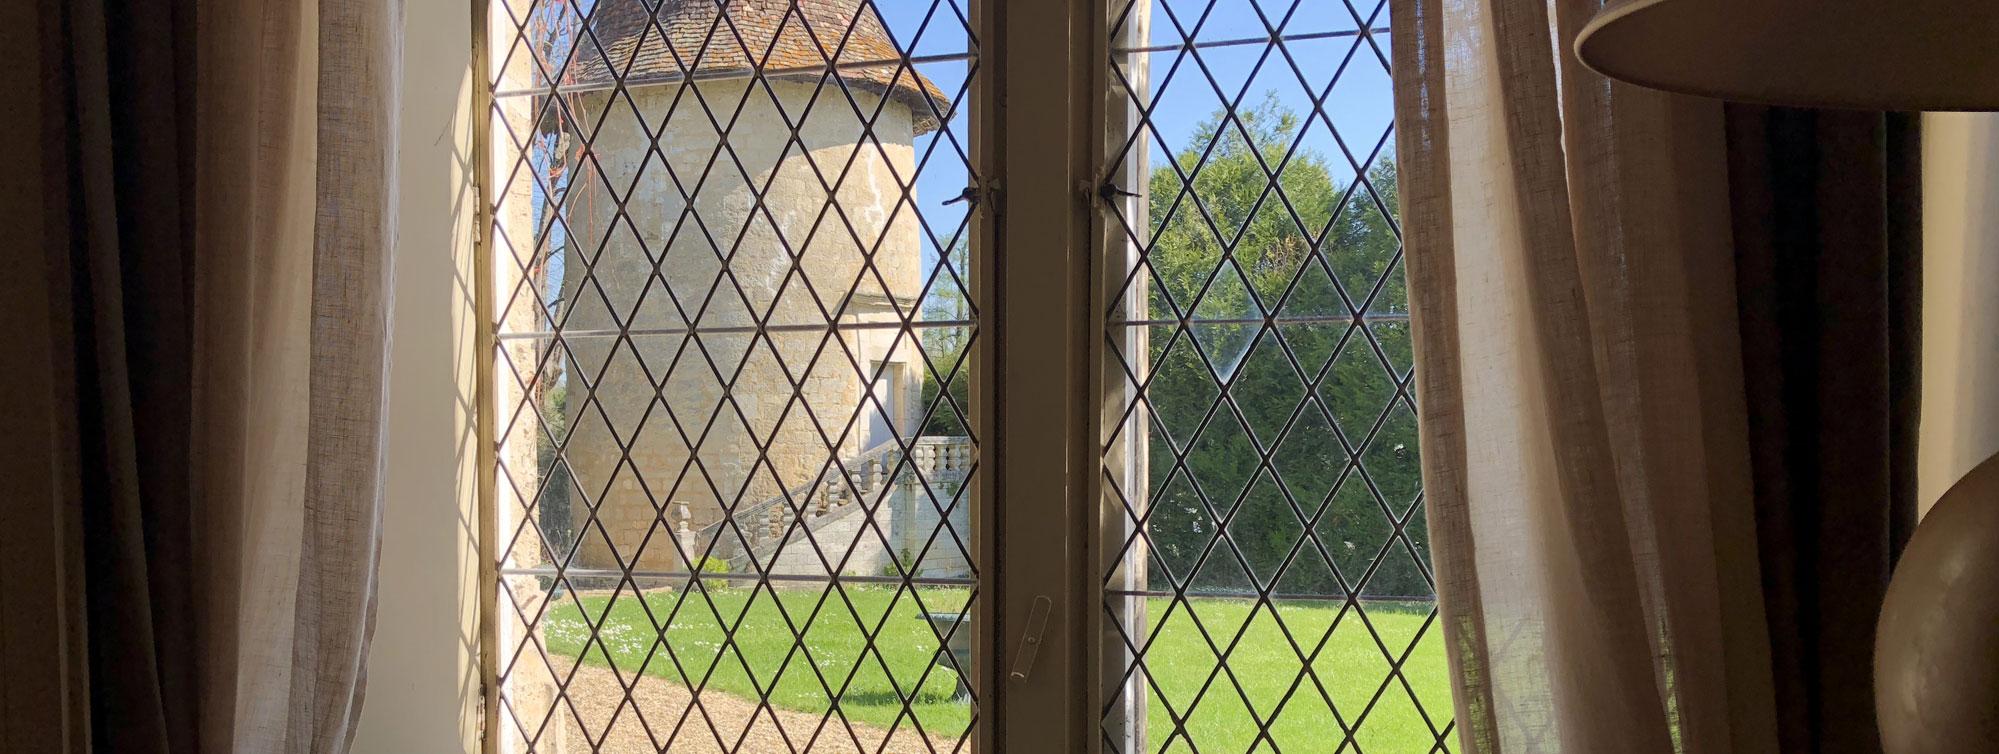 Chateau de Maumont - Nos offres ©Chateau de Maumont